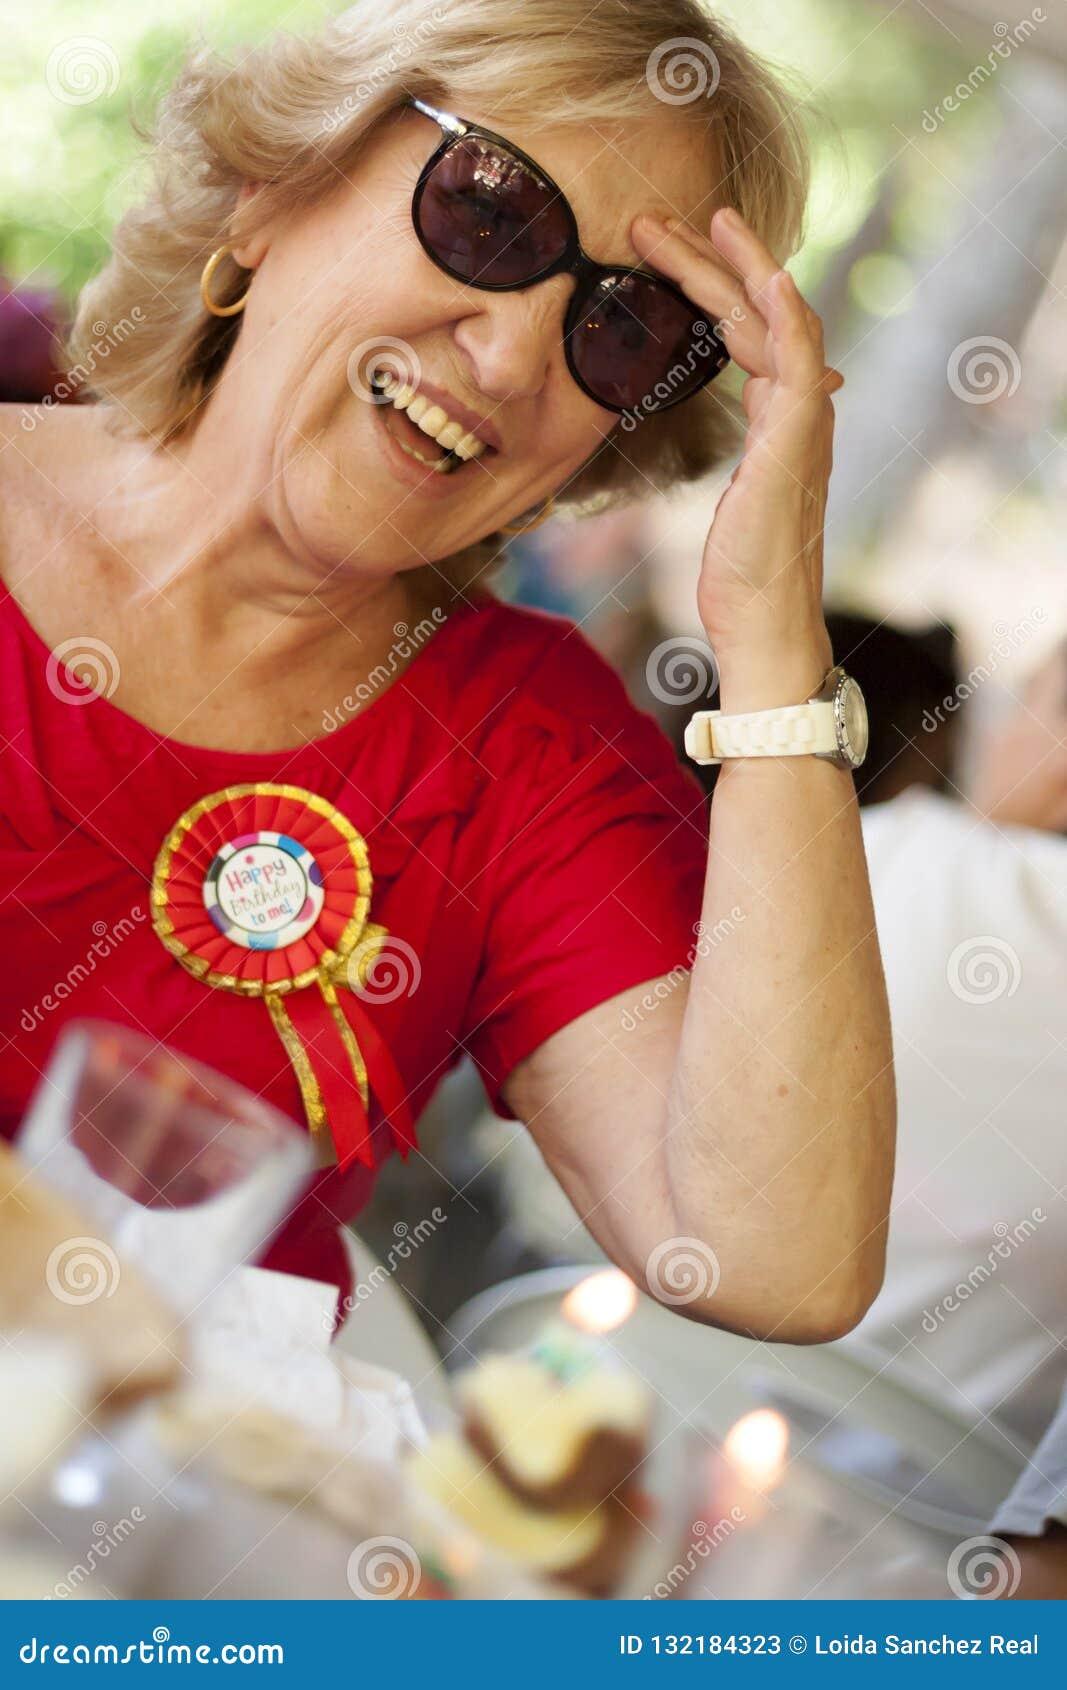 Ξανθό χαμόγελο ηλικιωμένων γυναικών, που φορά ένα κόκκινο πουκάμισο